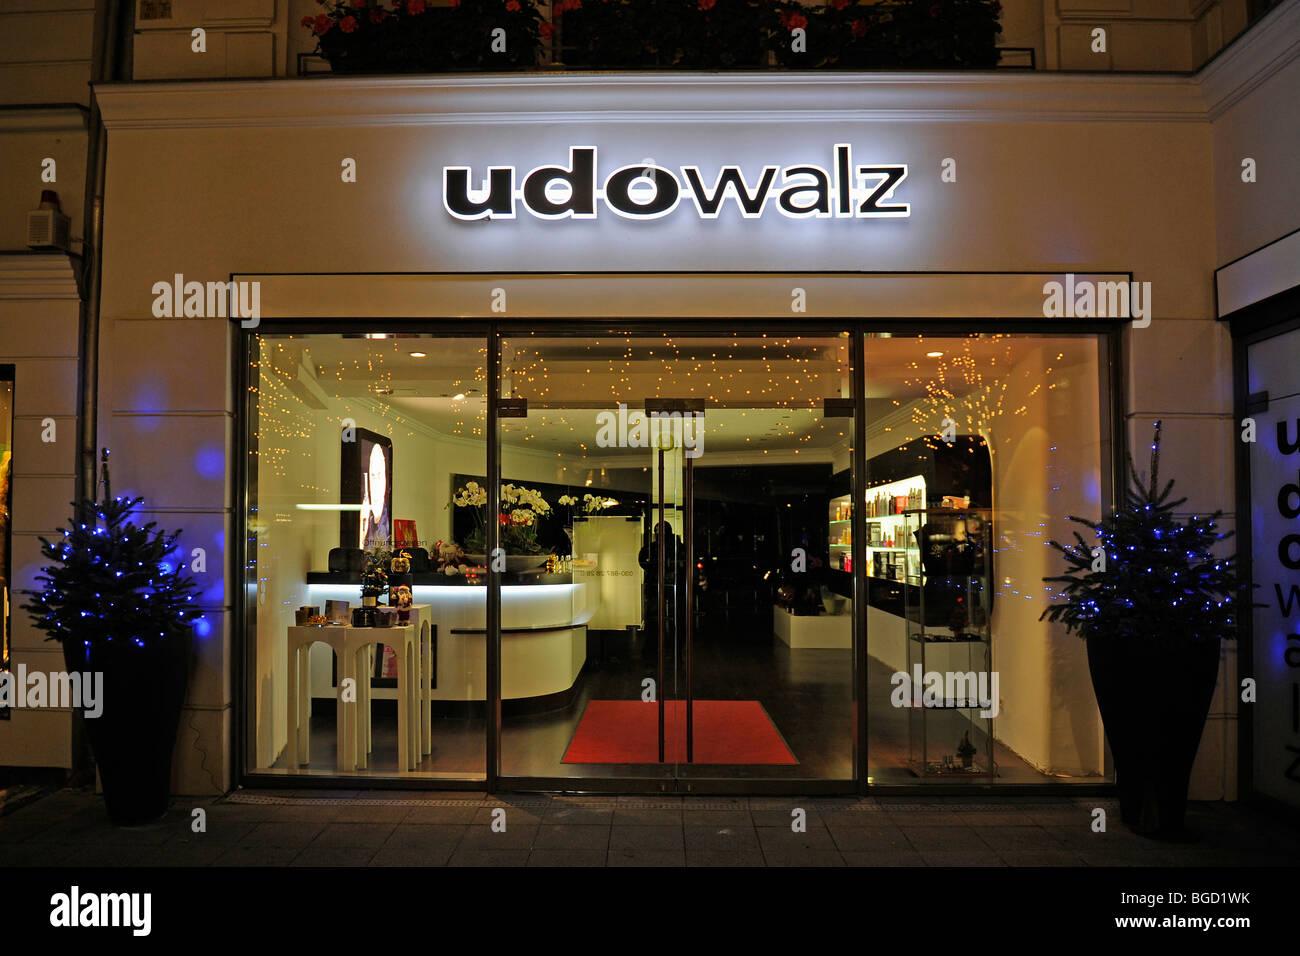 Negozio di celebrity parrucchiere Udo Walz sul Kurfuerstendamm, Berlino, Germania, Europa Immagini Stock